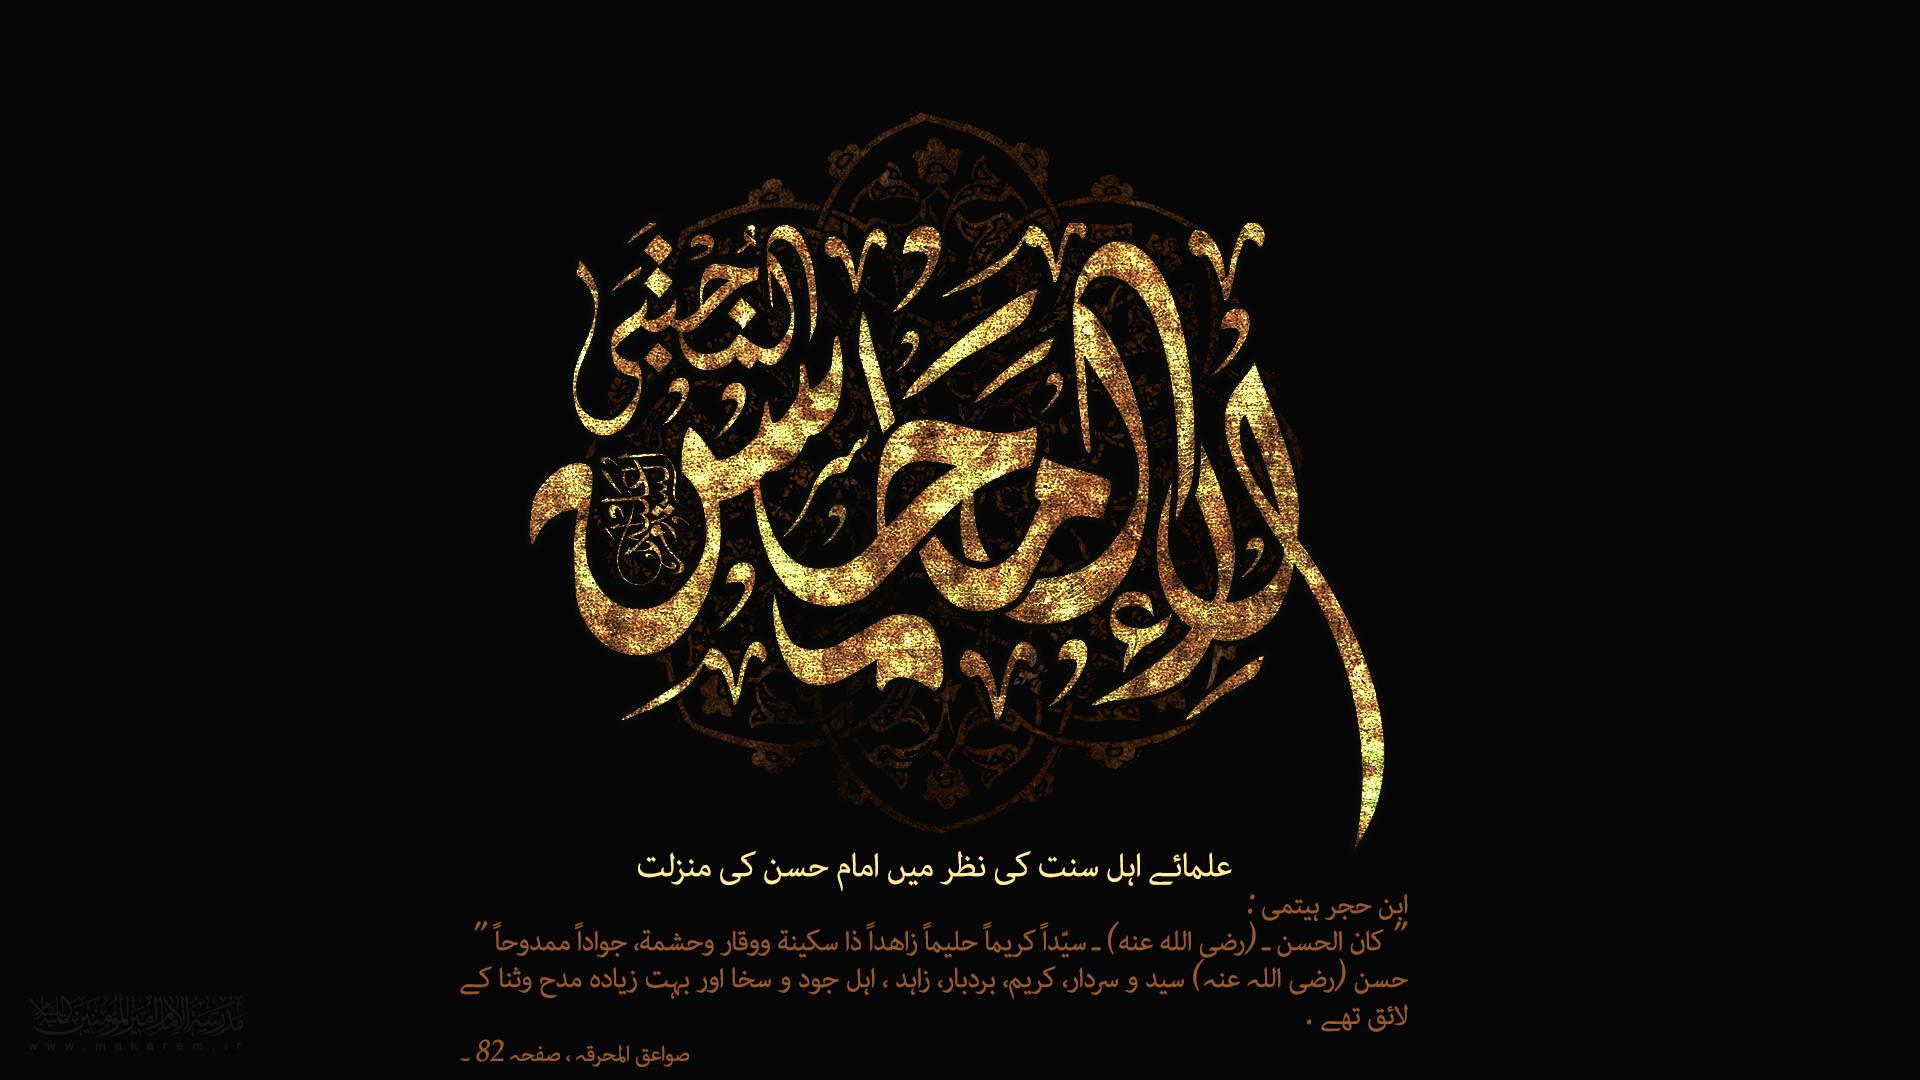 شهادت امام حسن (ع)-مدرسه الامام امیر المومنین (ع)